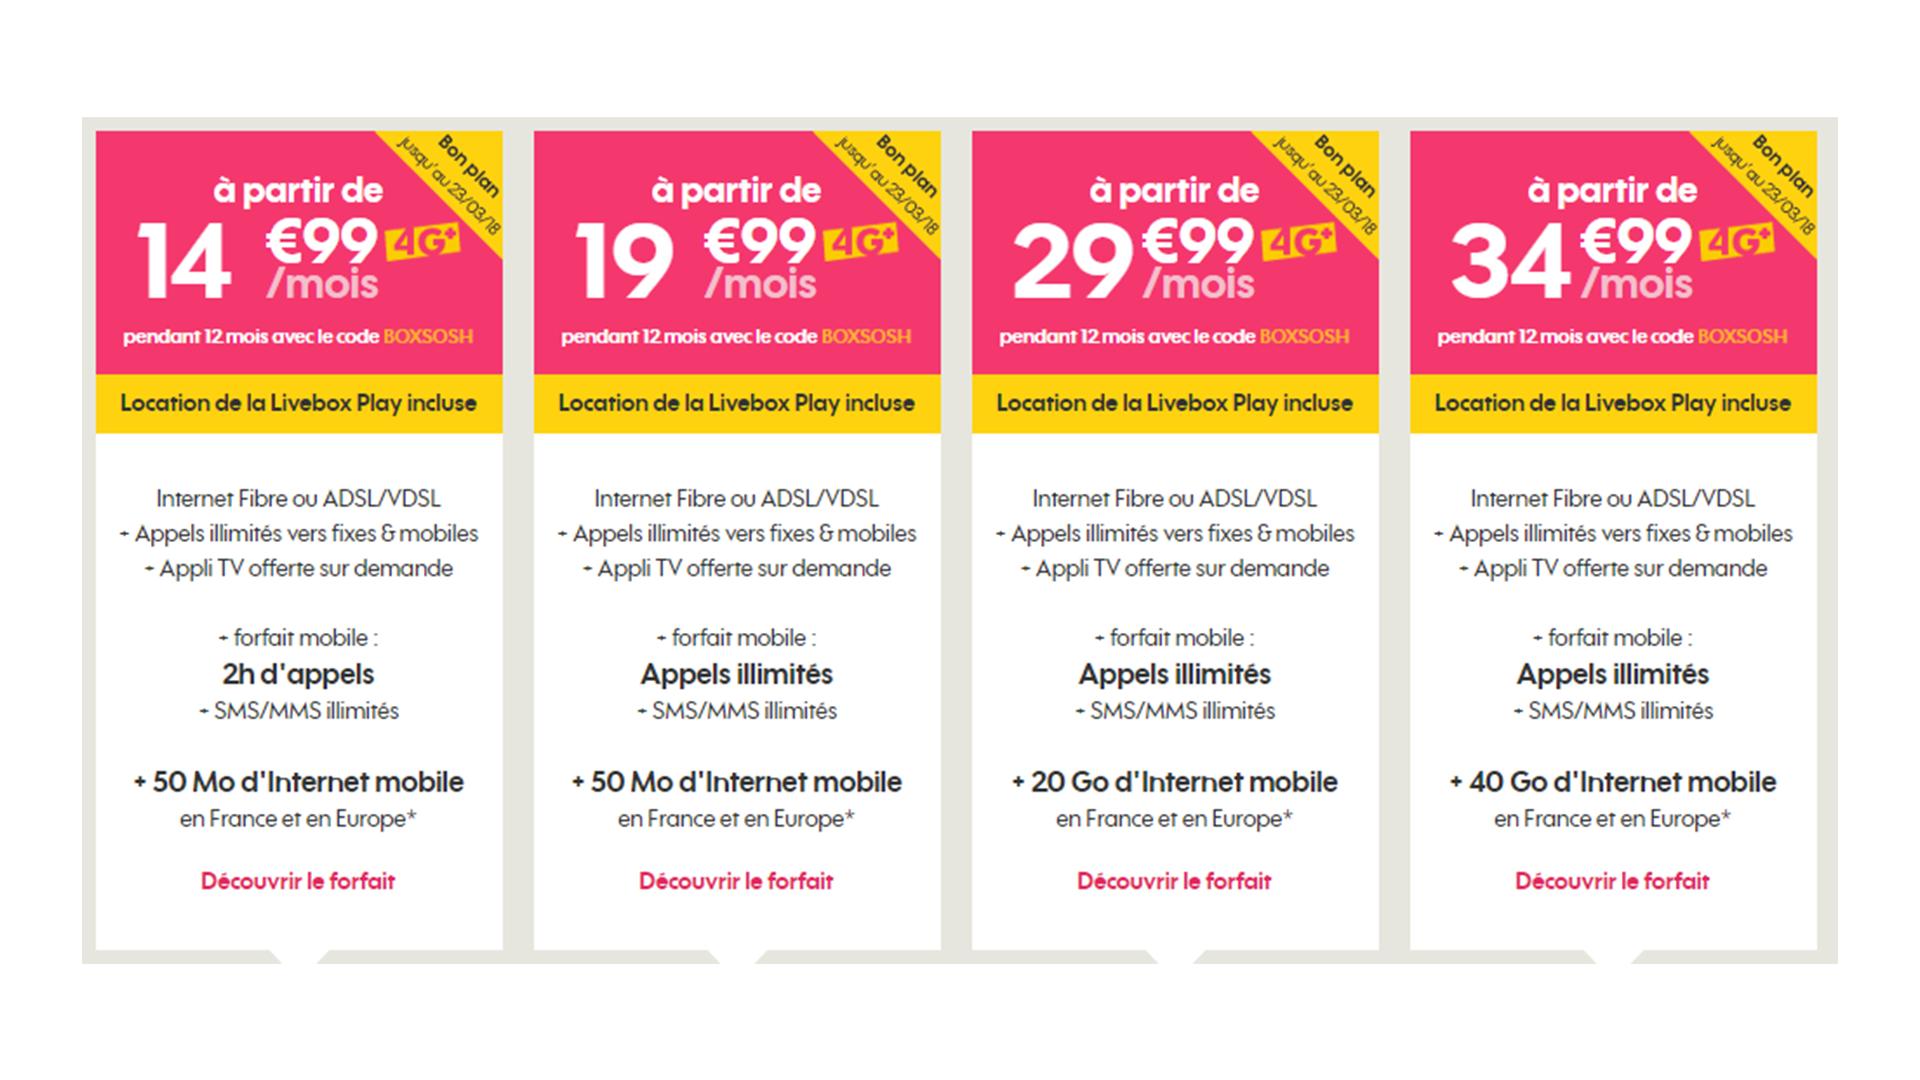 Le Bon Plan Du Jour : Sosh propose 15 euros de réduction par mois pendant un an sur ses formules Livebox + mobile